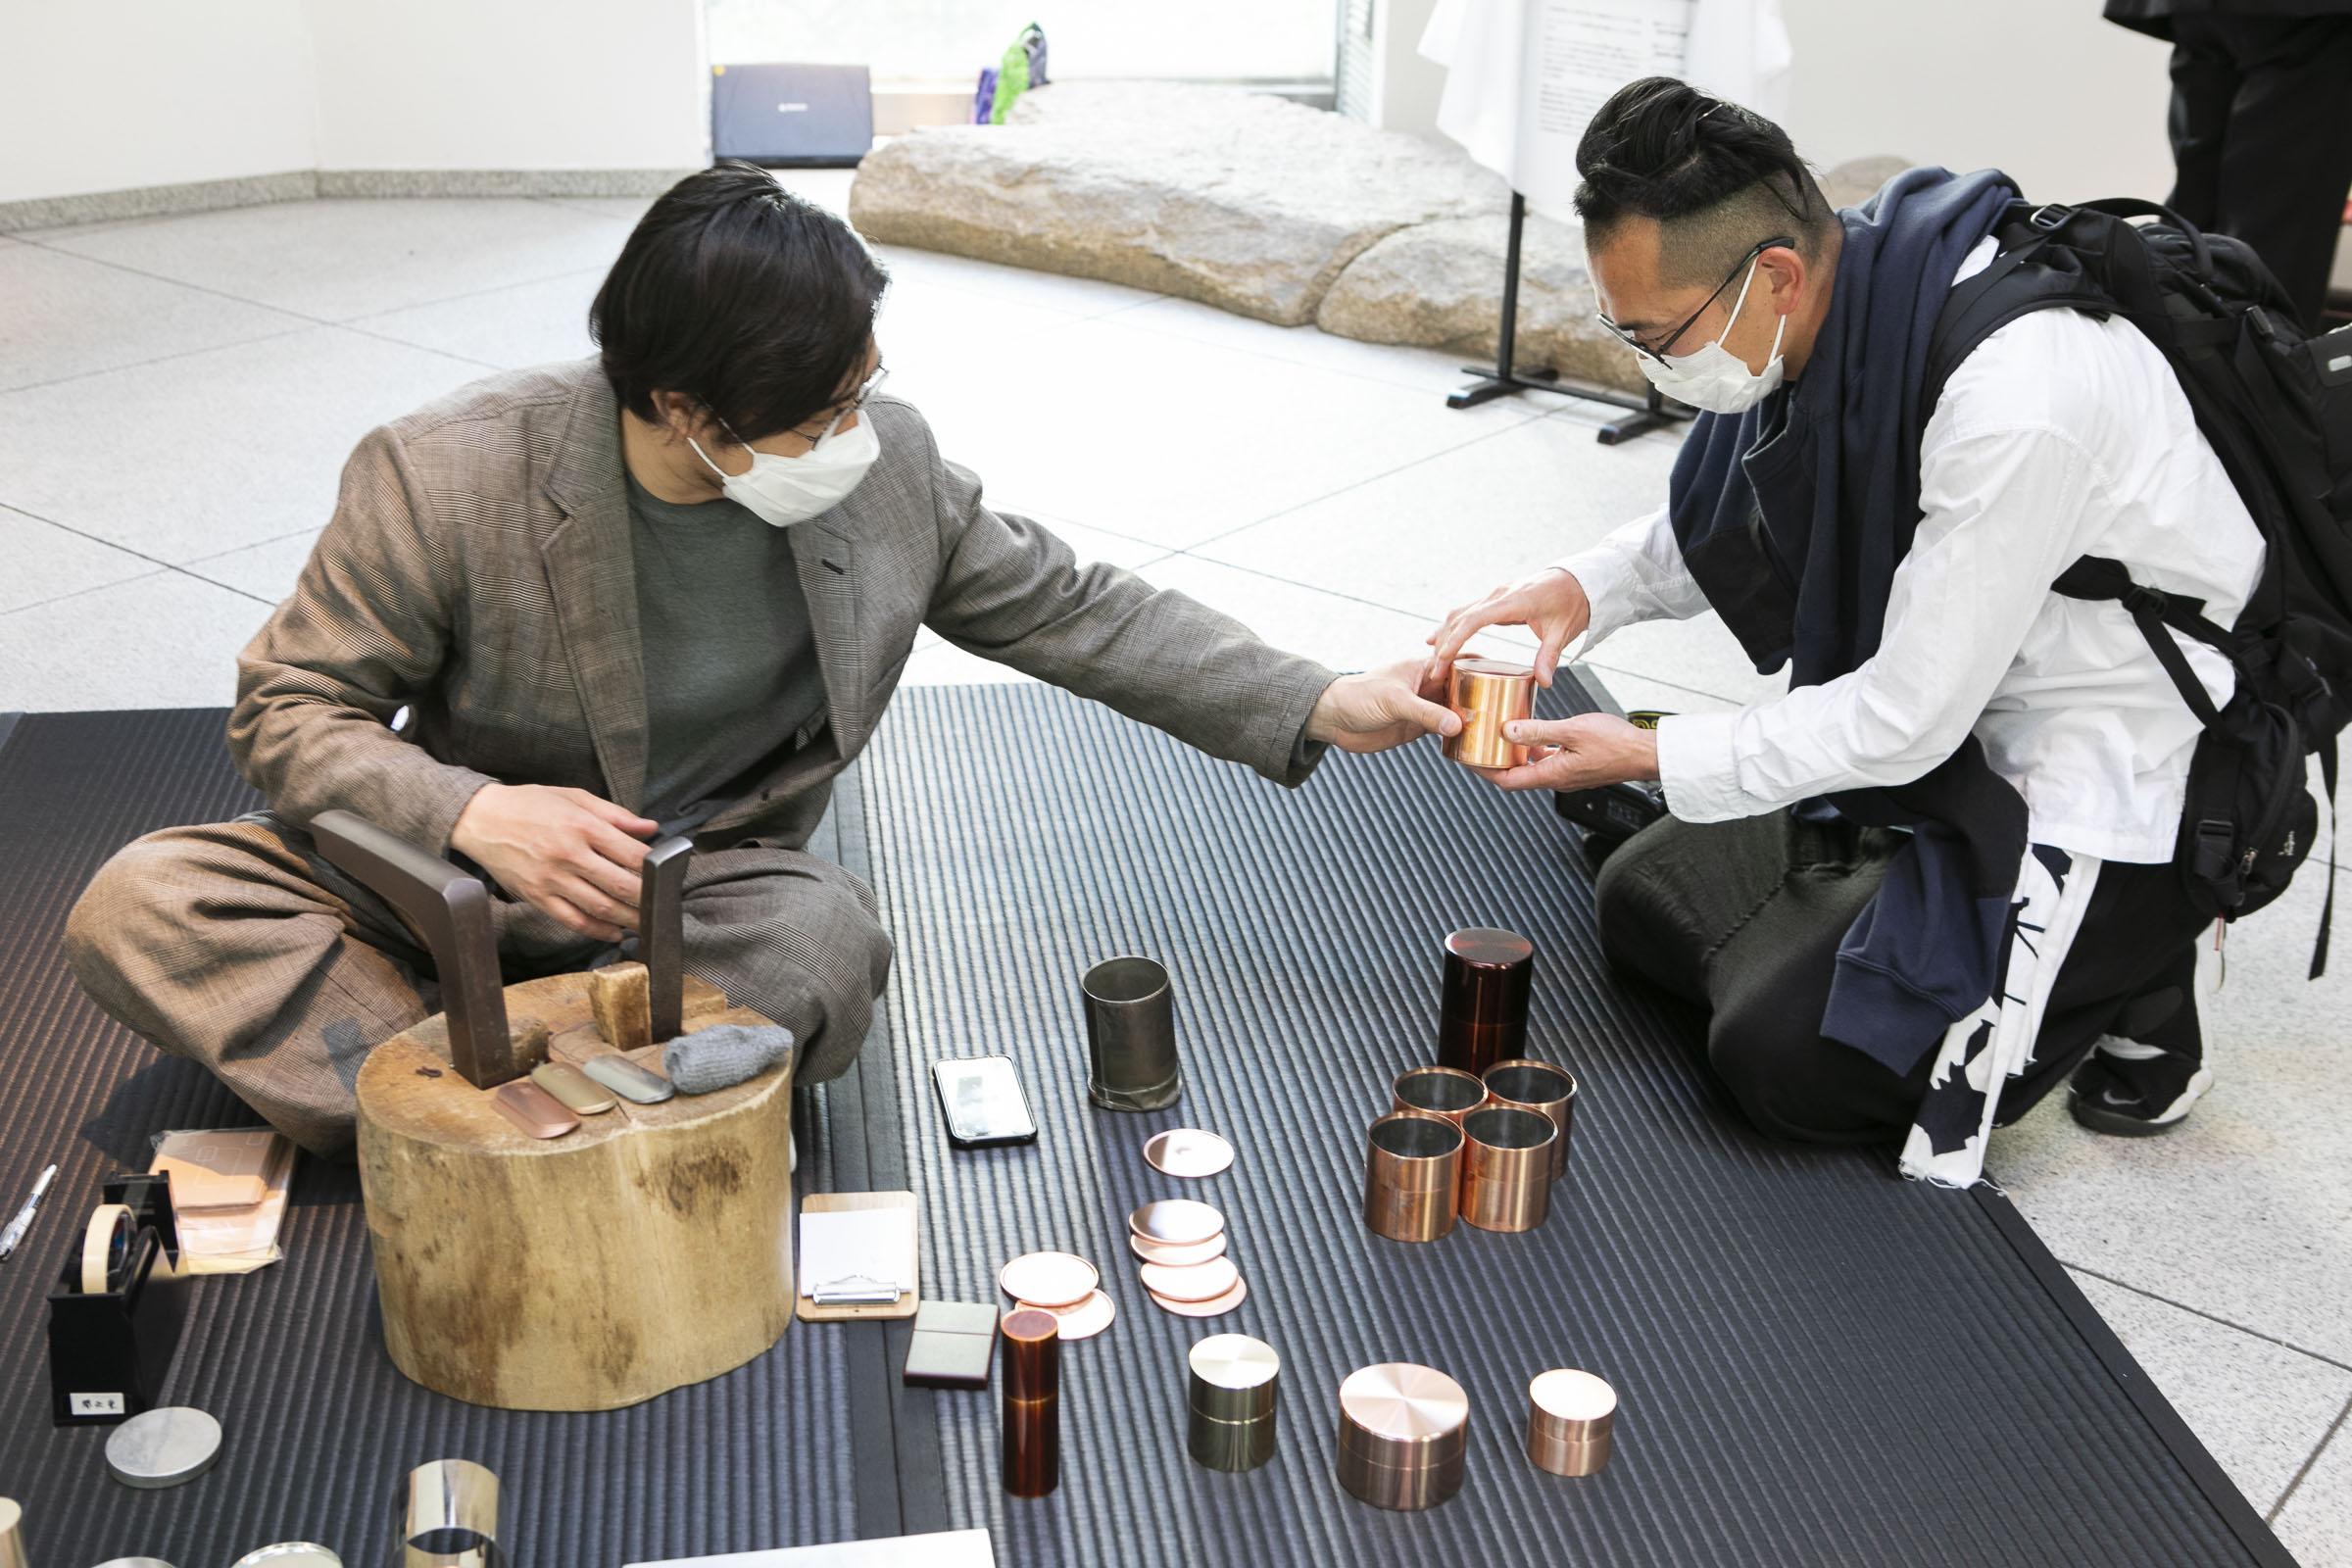 茶筒 開化堂の八木さんによる実演を行いました。